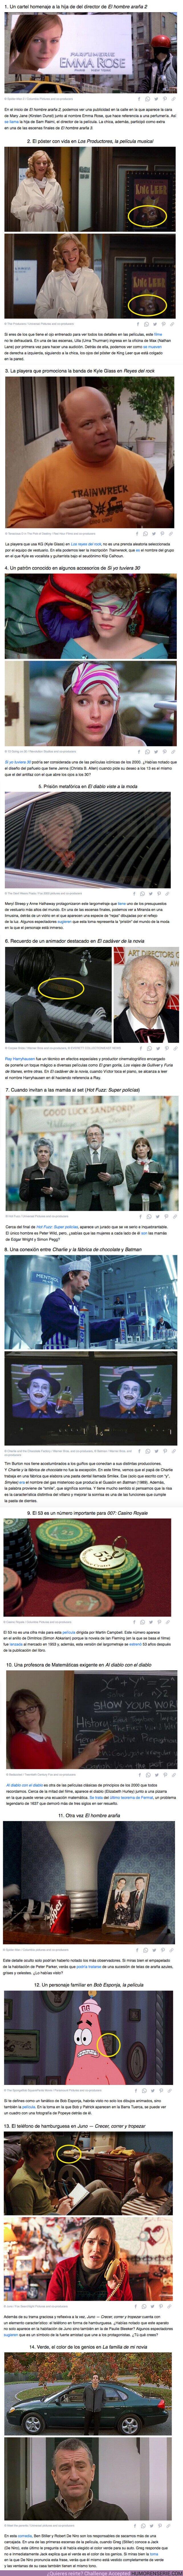 66567 - GALERÍA: 14 Detalles tan bien ocultos en las películas de los 2000 que la mayoría de los espectadores ni notó